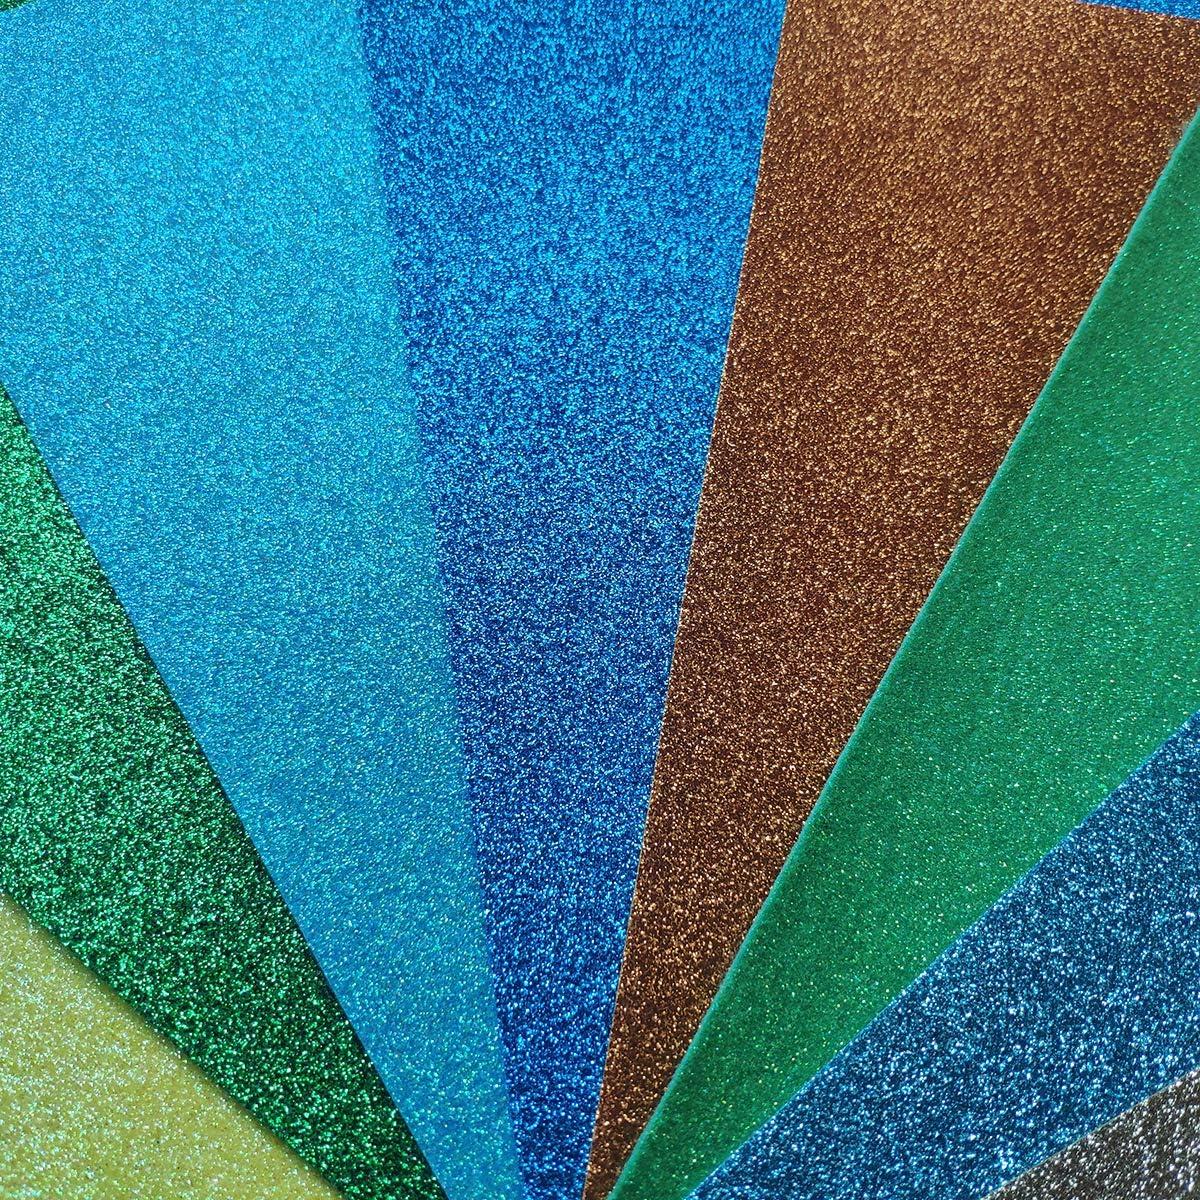 Basteln /& Floristik 100/% reine Schafschurwolle STYLIT Bastelfilz 12 Farben 15cm breit nat/ürlicher DIY-Wollfilz BWZFZB00001WE04